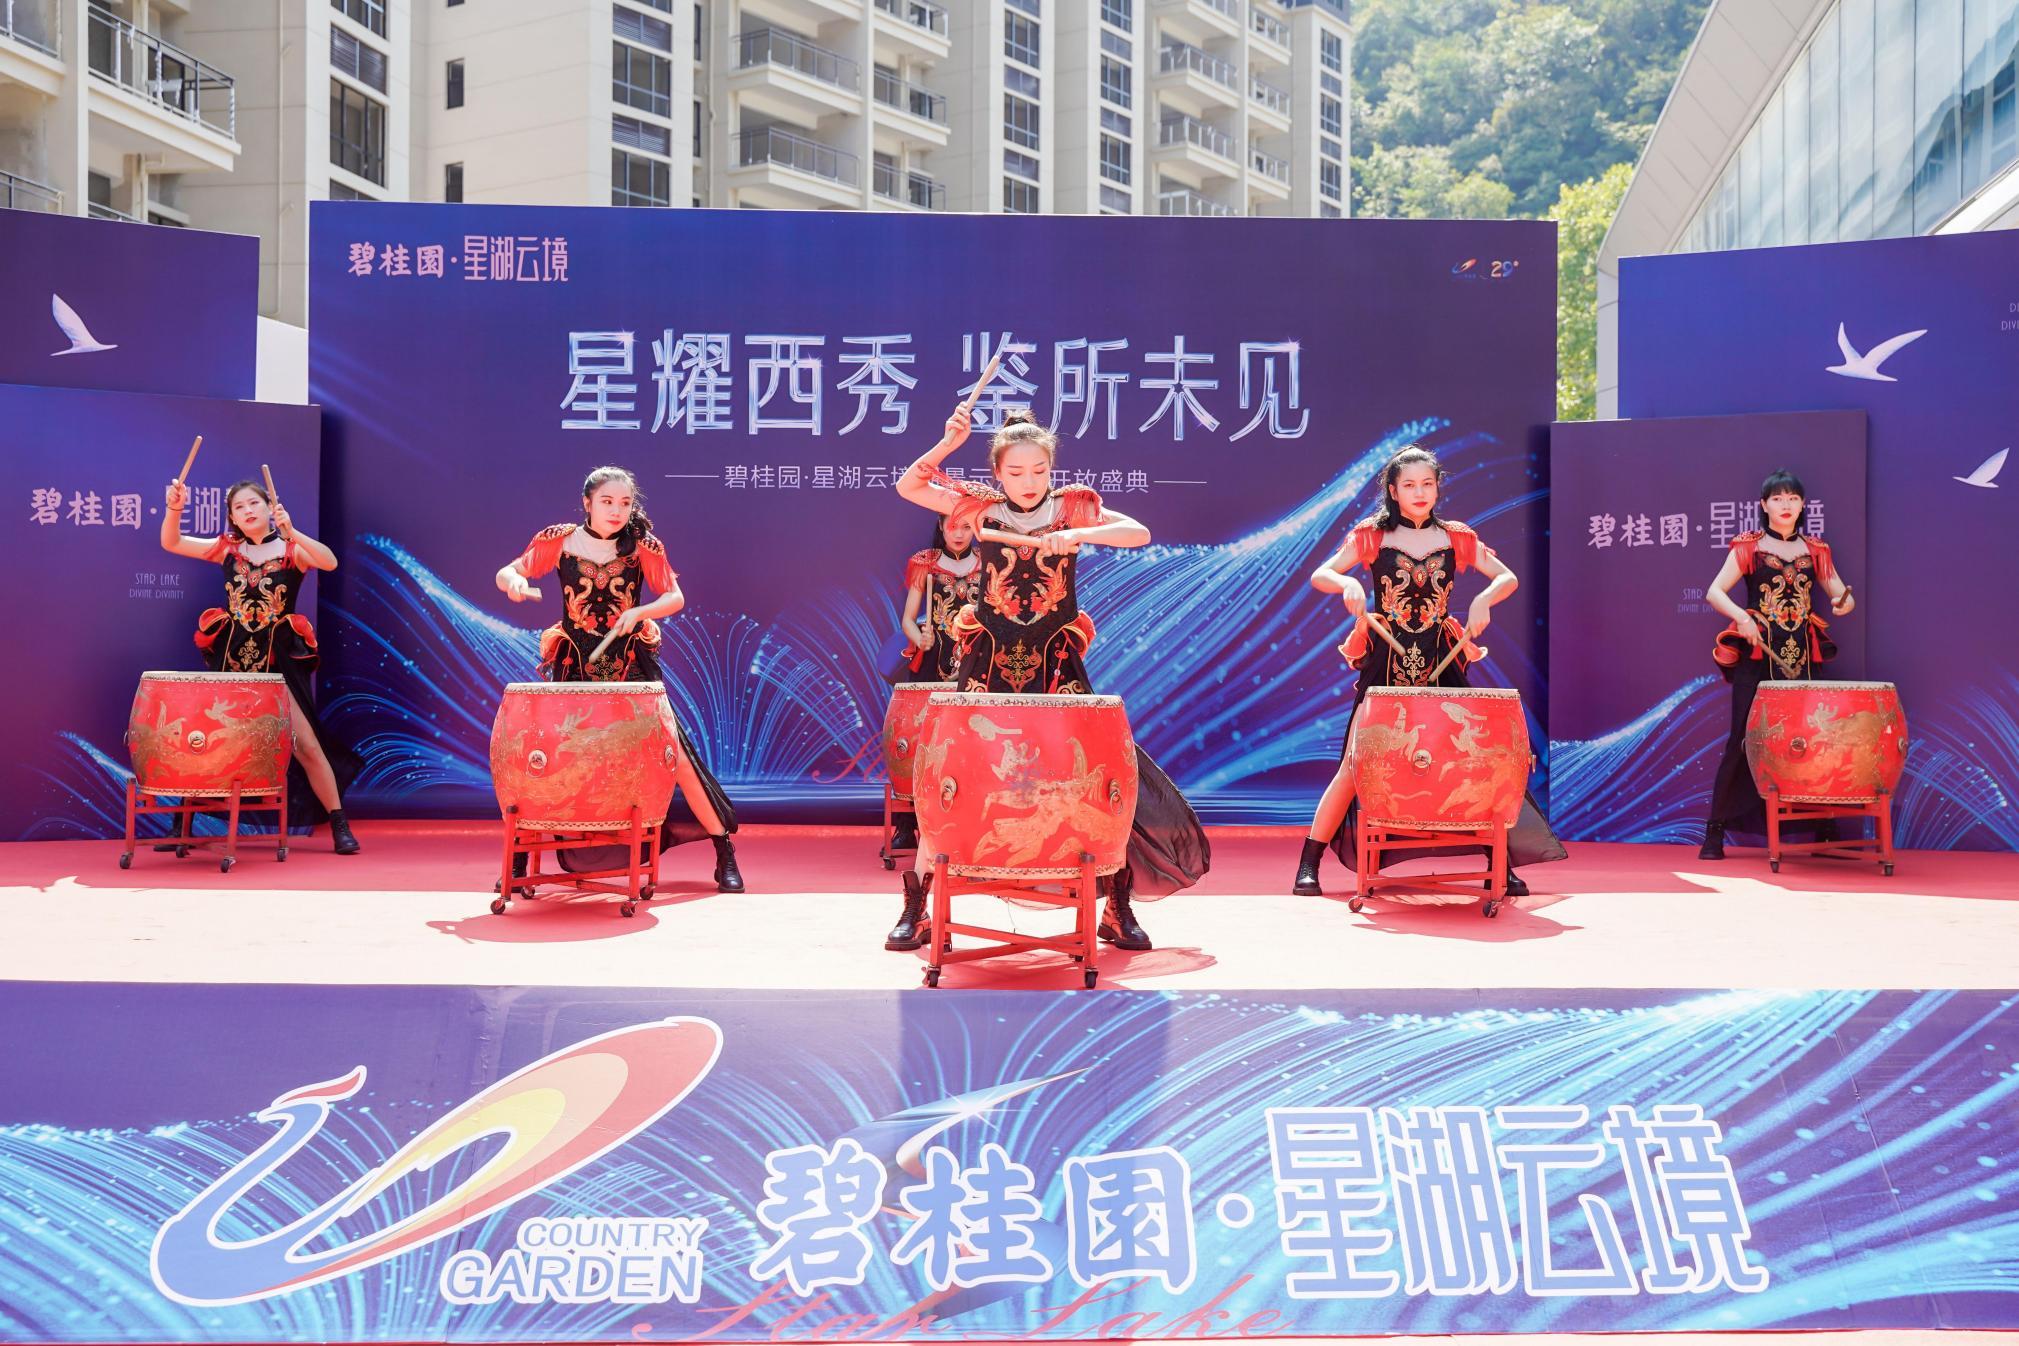 碧桂园星系产品落地安顺市西秀区 湖景示范区盛大开放_中国网地产